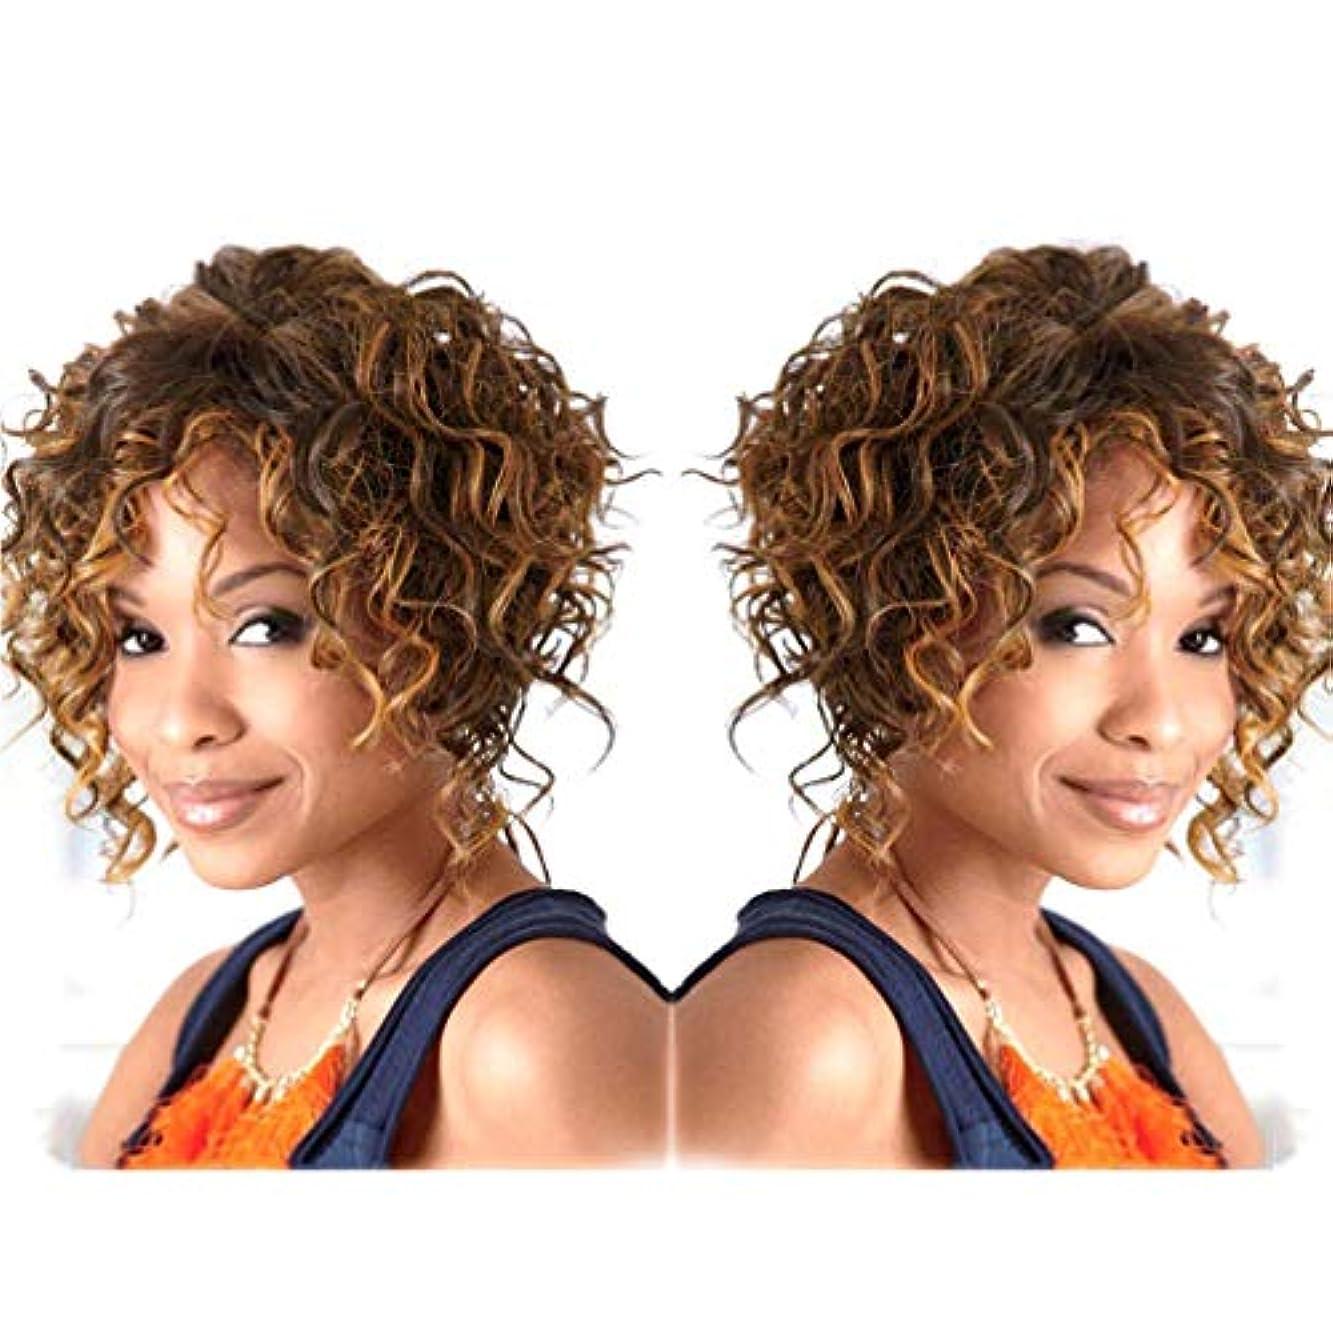 宣言するマットインスタント女性150%密度ウィッグ人毛ショートカーリーウィッグかわいいディンキーカーリーブラウン29cm